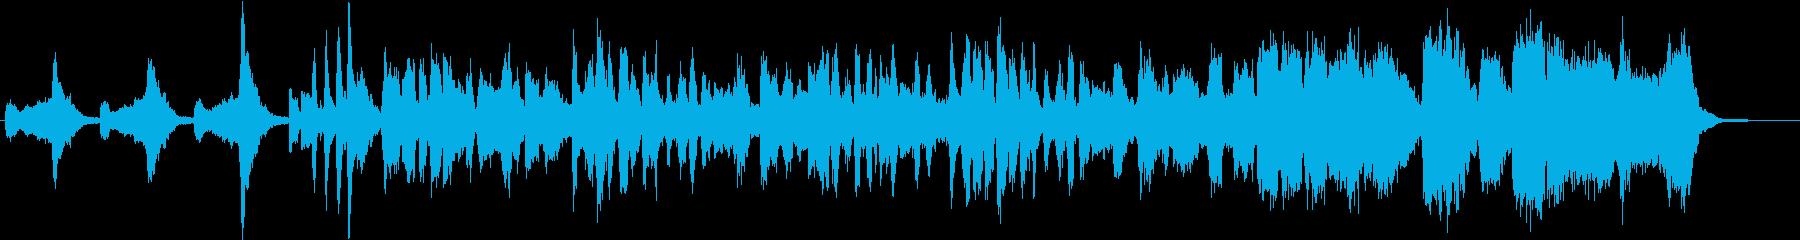 年越しそばをテーマにした楽曲の再生済みの波形